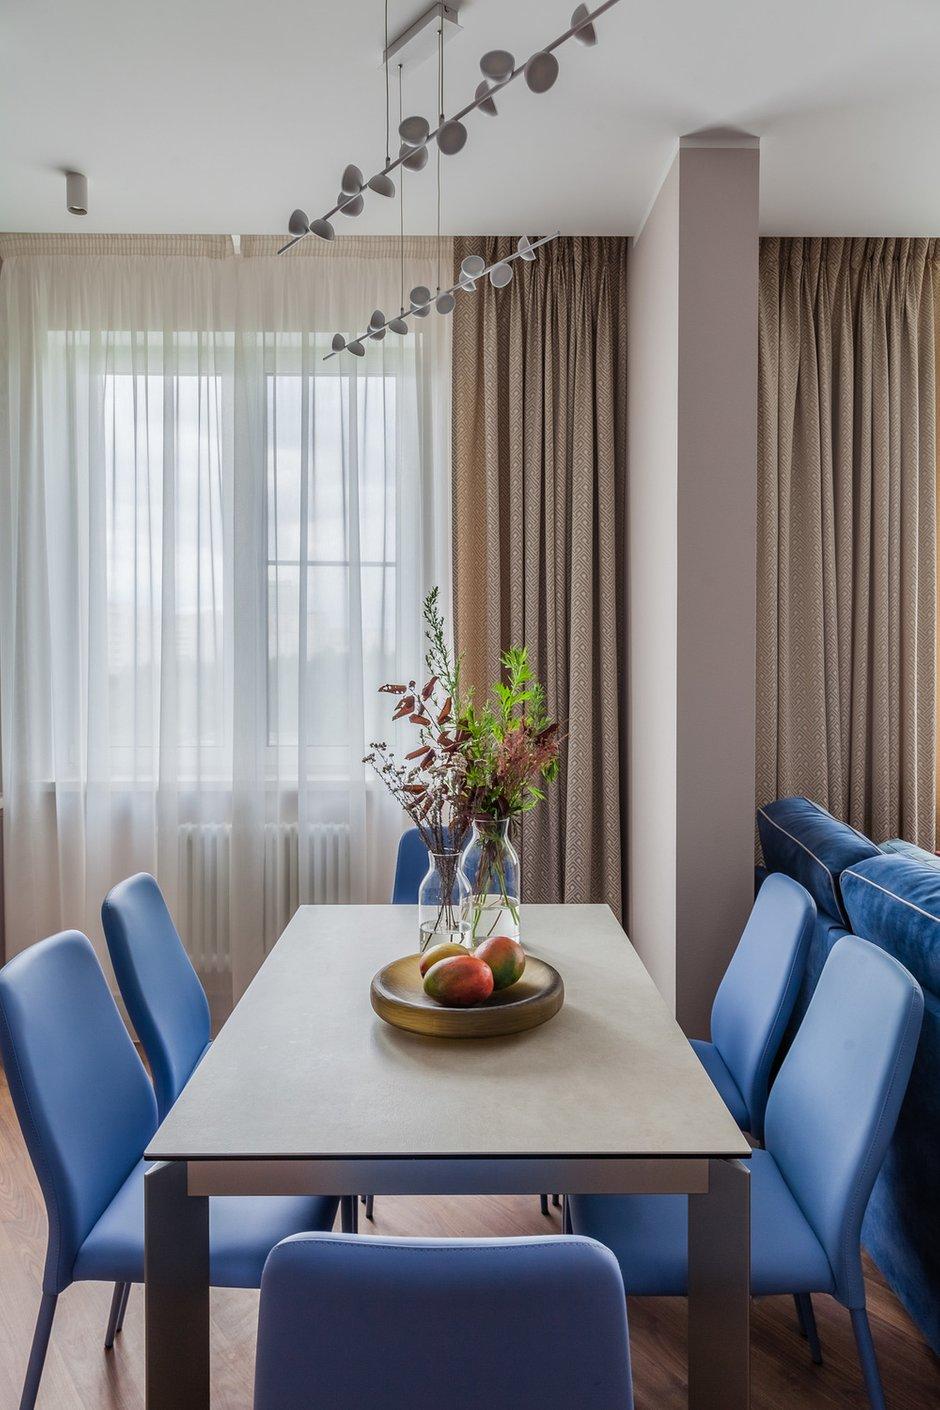 Васильковые стулья оказались именно того мягкого оттенка голубого, который идеально подошел в этот легкий интерьер.